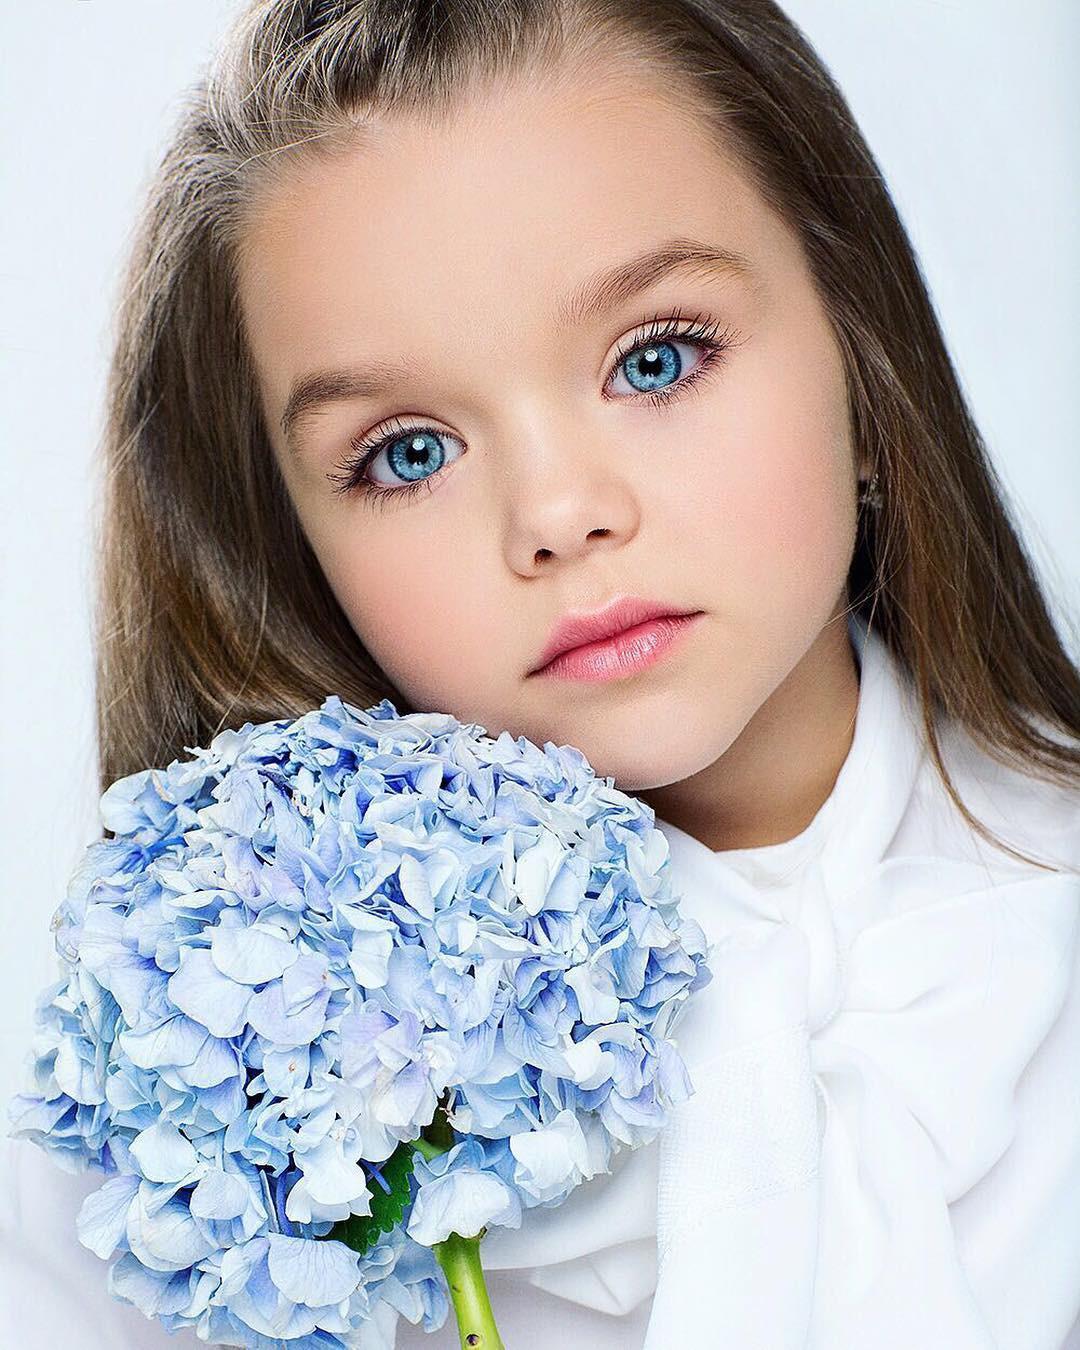 Chiêm ngưỡng dung nhan của bé gái xinh nhất thế giới - Ảnh 5.